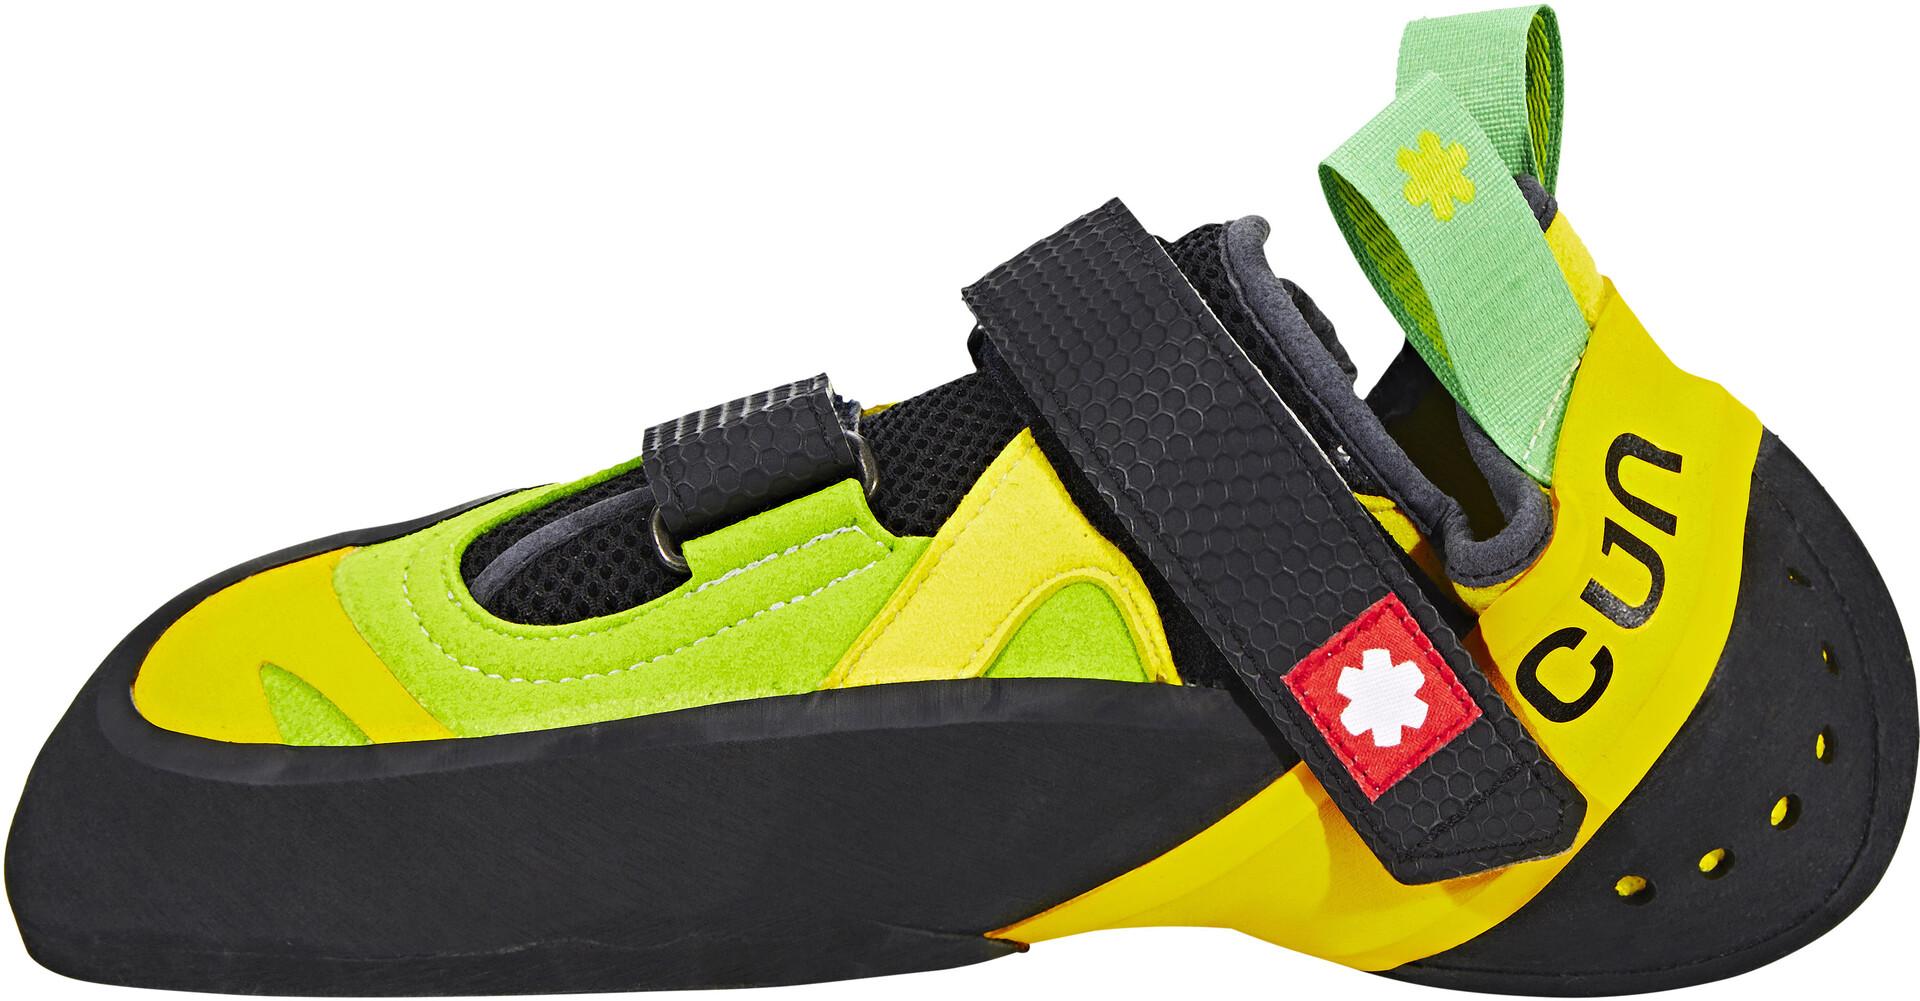 Ocun Klettergurt Test : Ocun oxi qc climbing shoes campz